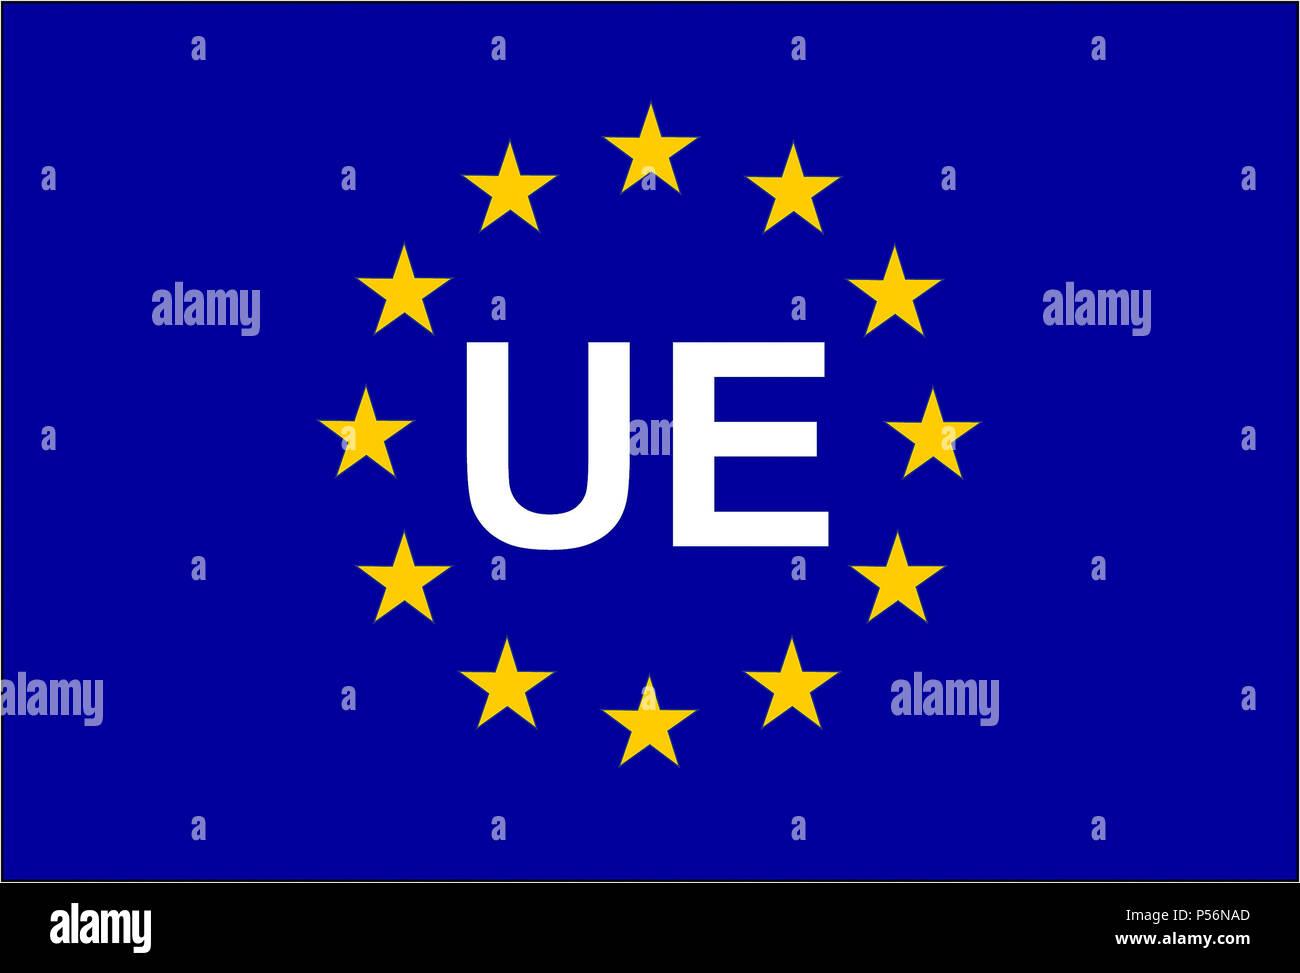 Drapeau de l'Union européenne symbole SNA UE Photo Stock